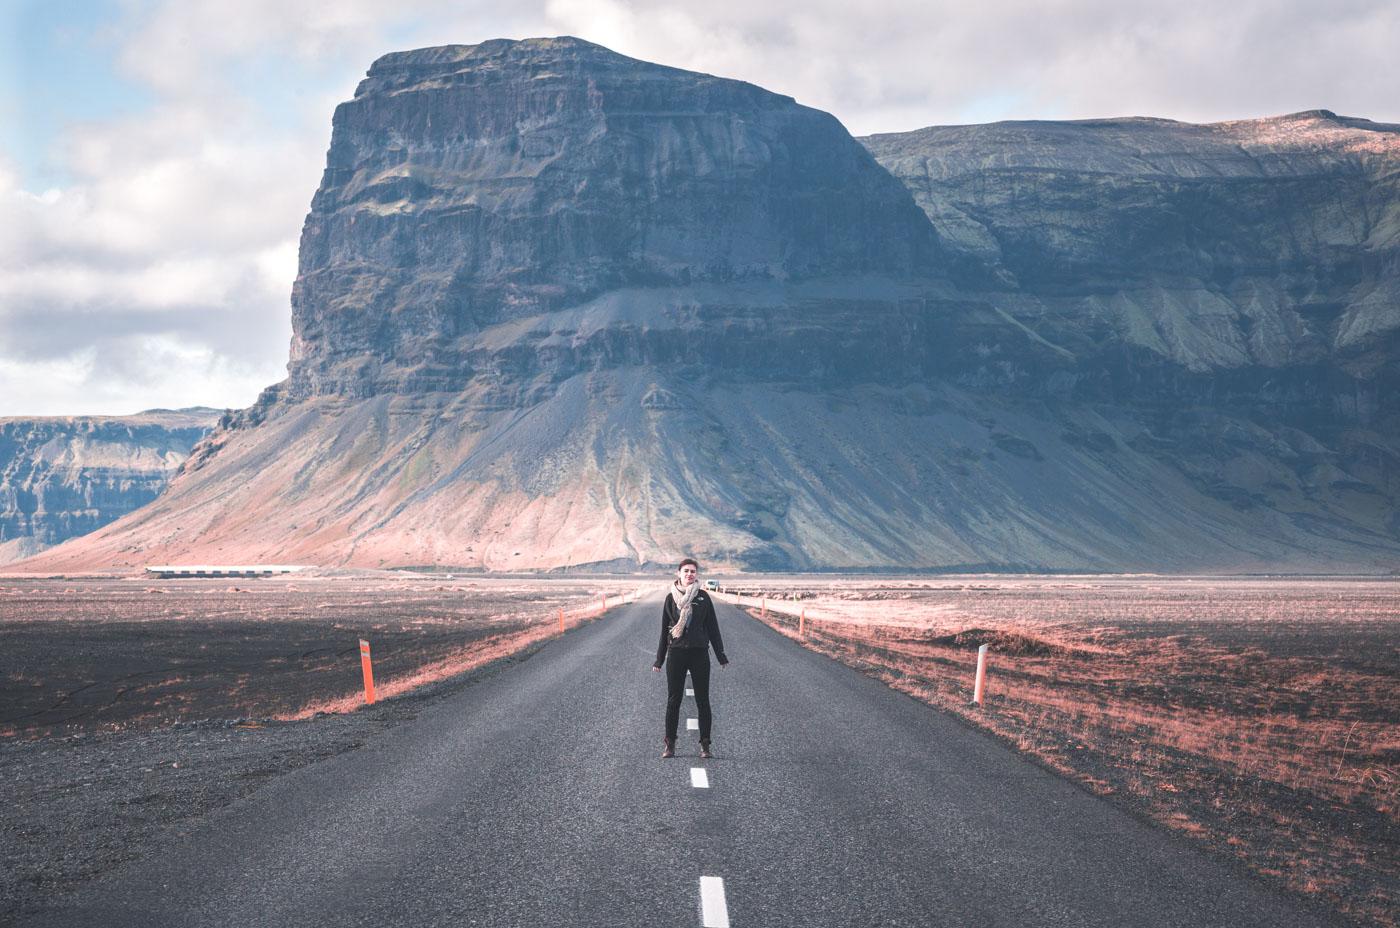 wypożyczanie samochodu na Islandii. Przepisy drogowe na Islandii